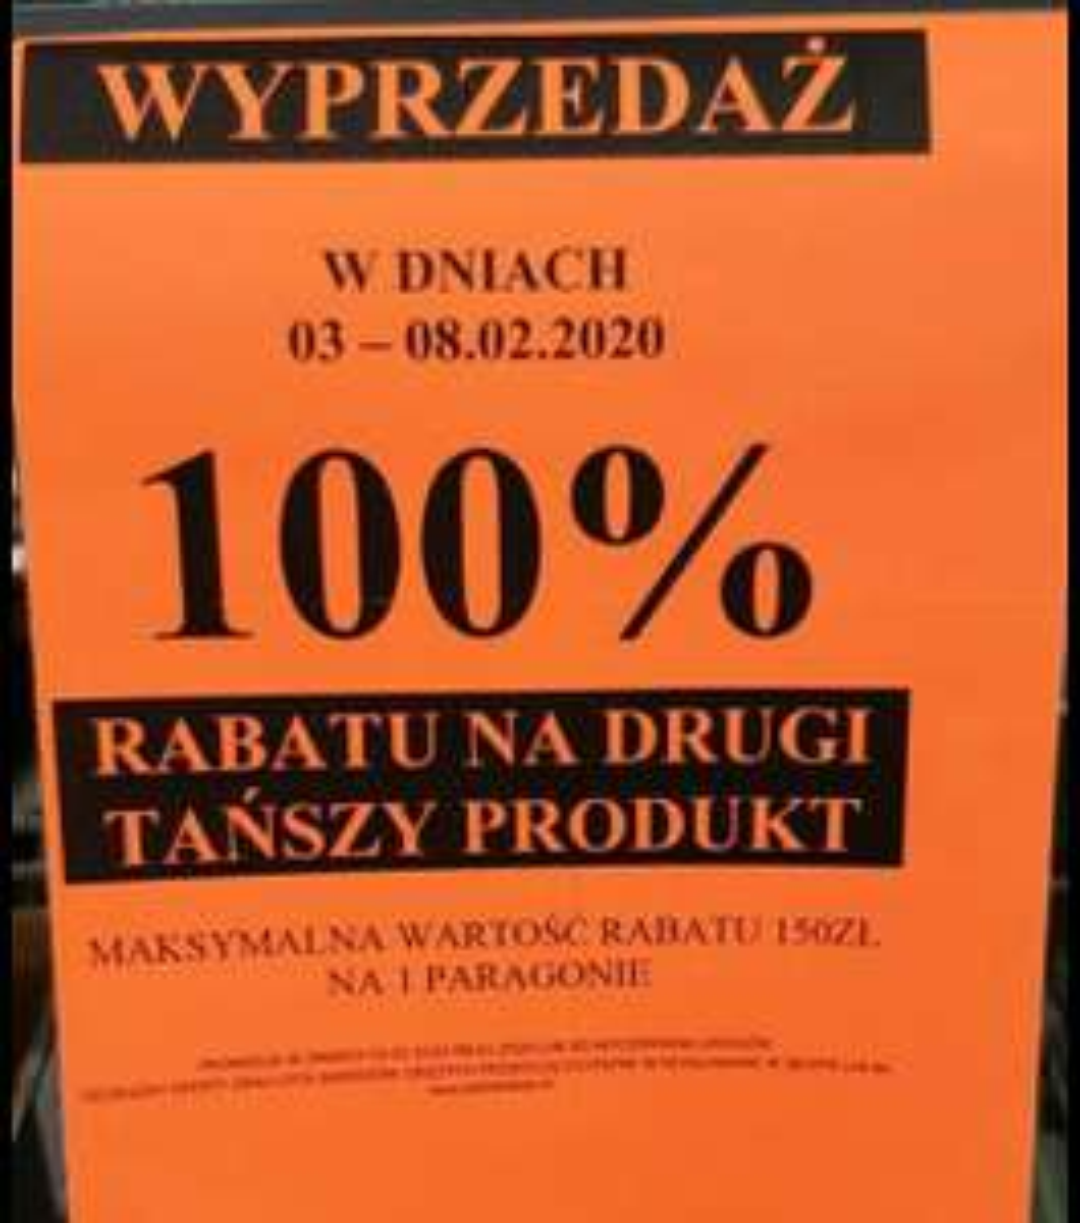 Biedronka, promocja 100% rabatu na drugi produkt w wybranych biedronkach